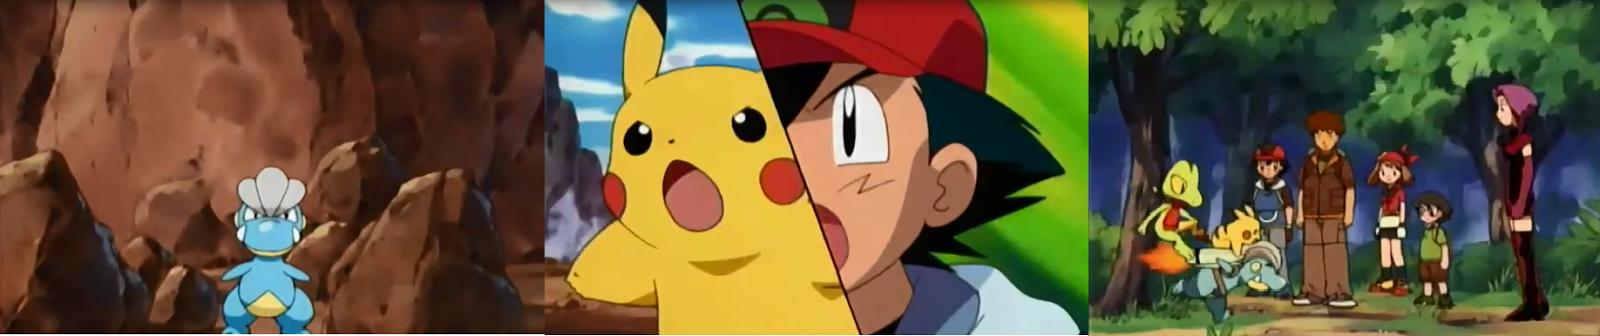 Pokemon Capitulo 3 Temporada 7 Una Entrenadora Cientifica